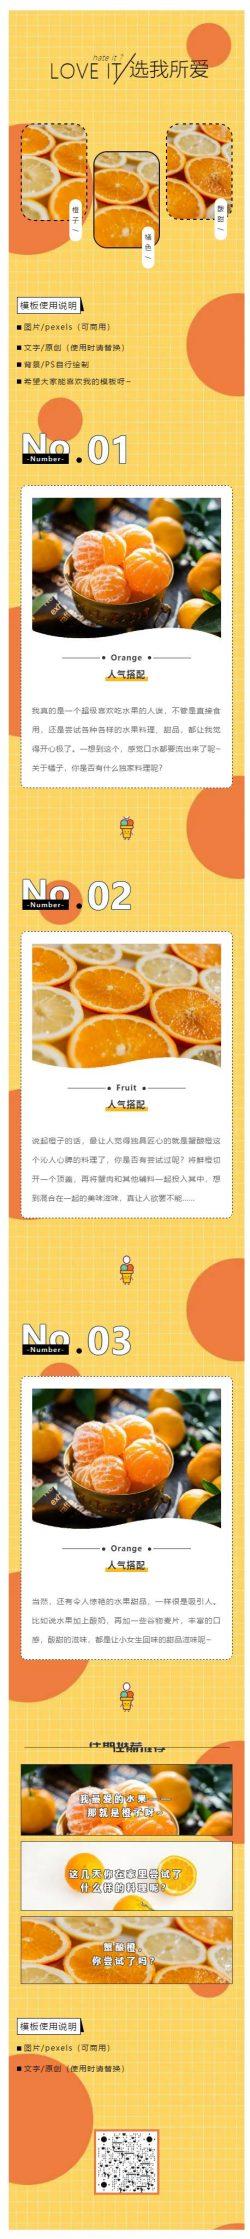 水果橙子橘色美食暖色网格背景图微信公众号推文模板